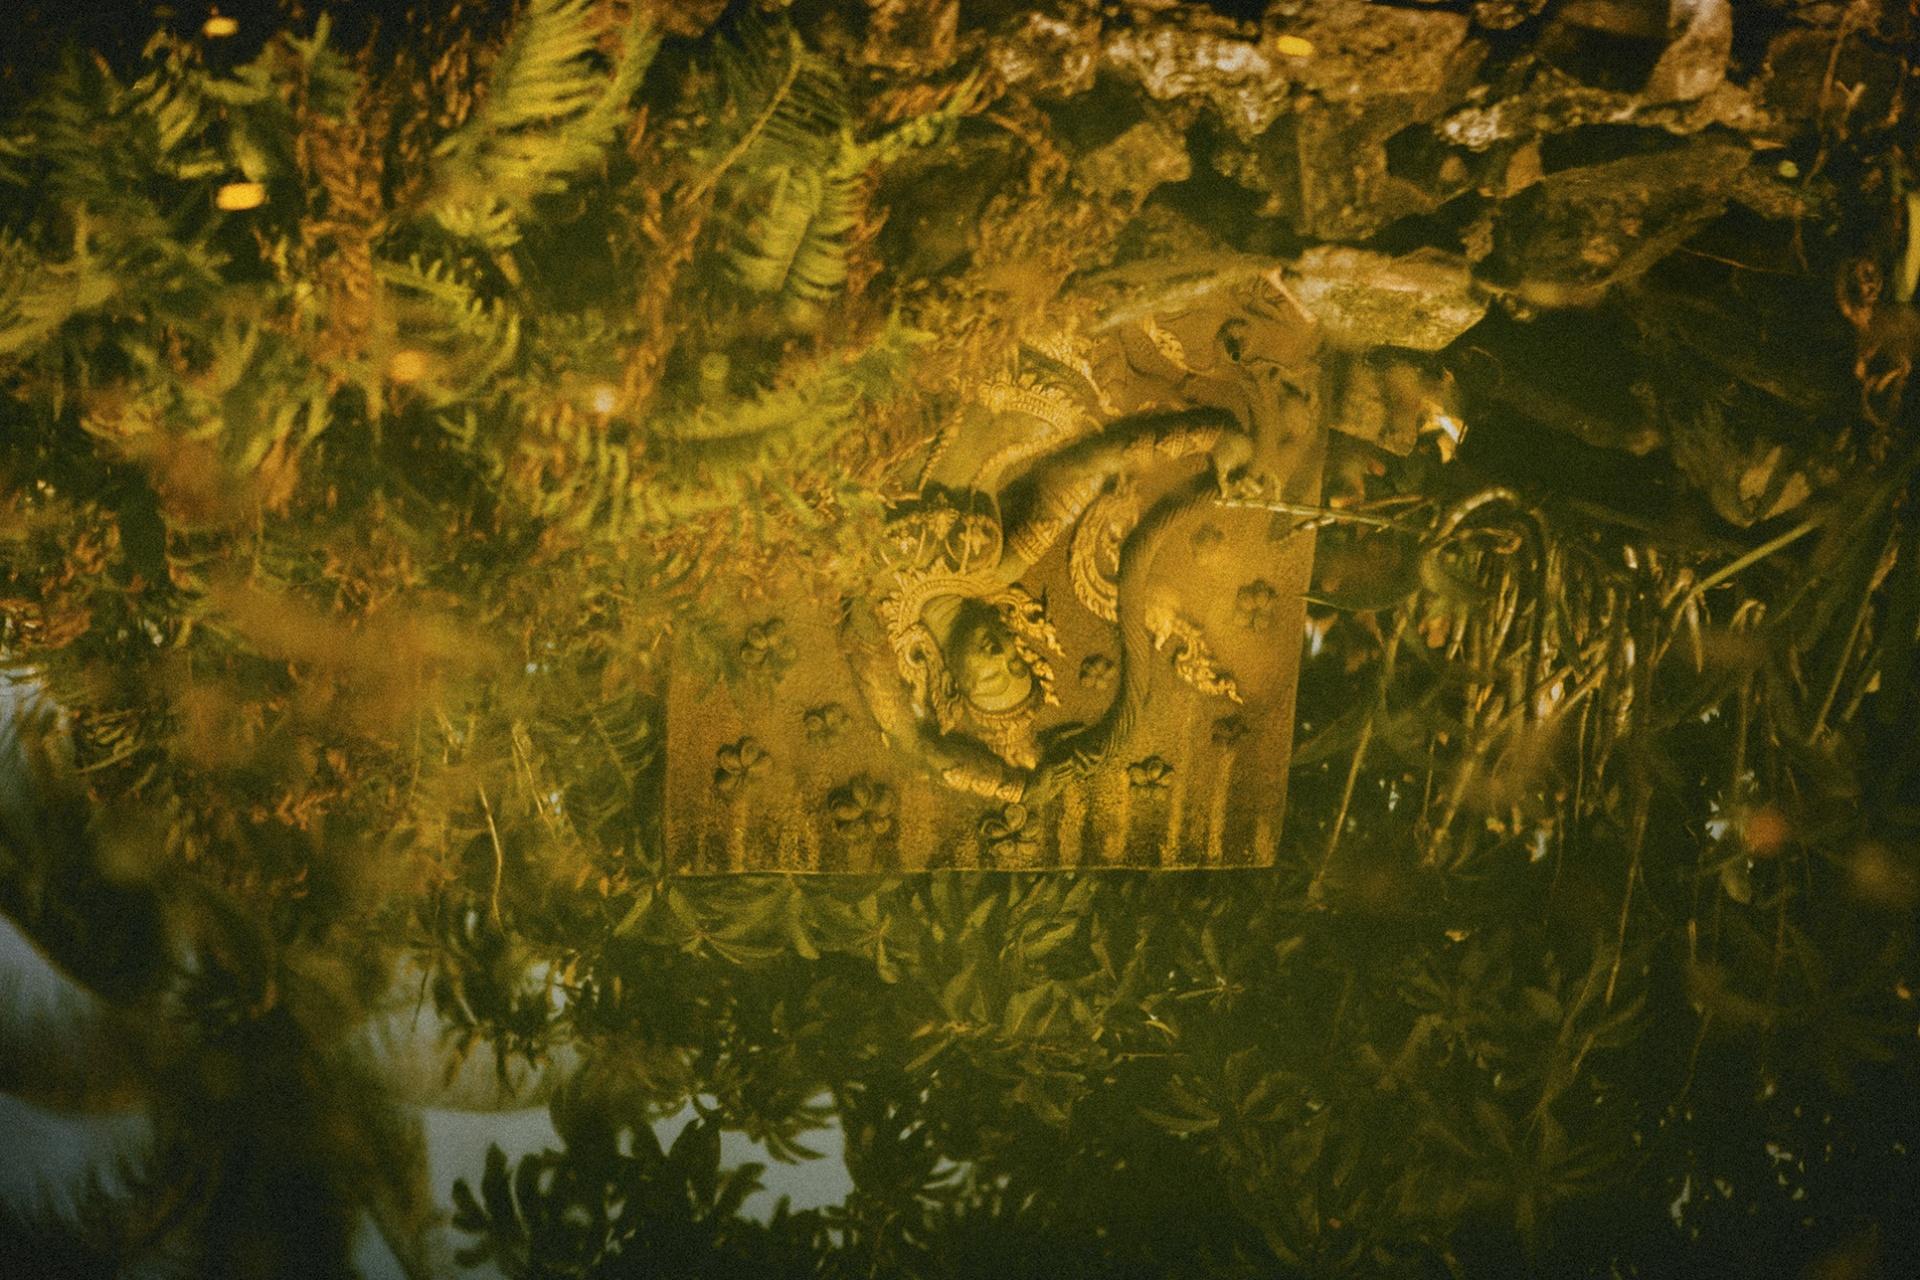 """Acquasanta, Culla della cultura indocinese sin dai tempi della preistoria, bagnata dalla """"Madre delle acque"""" (così viene chiamato il fiume Mekong in questa zona) e inserita in una valle incantevole, la"""